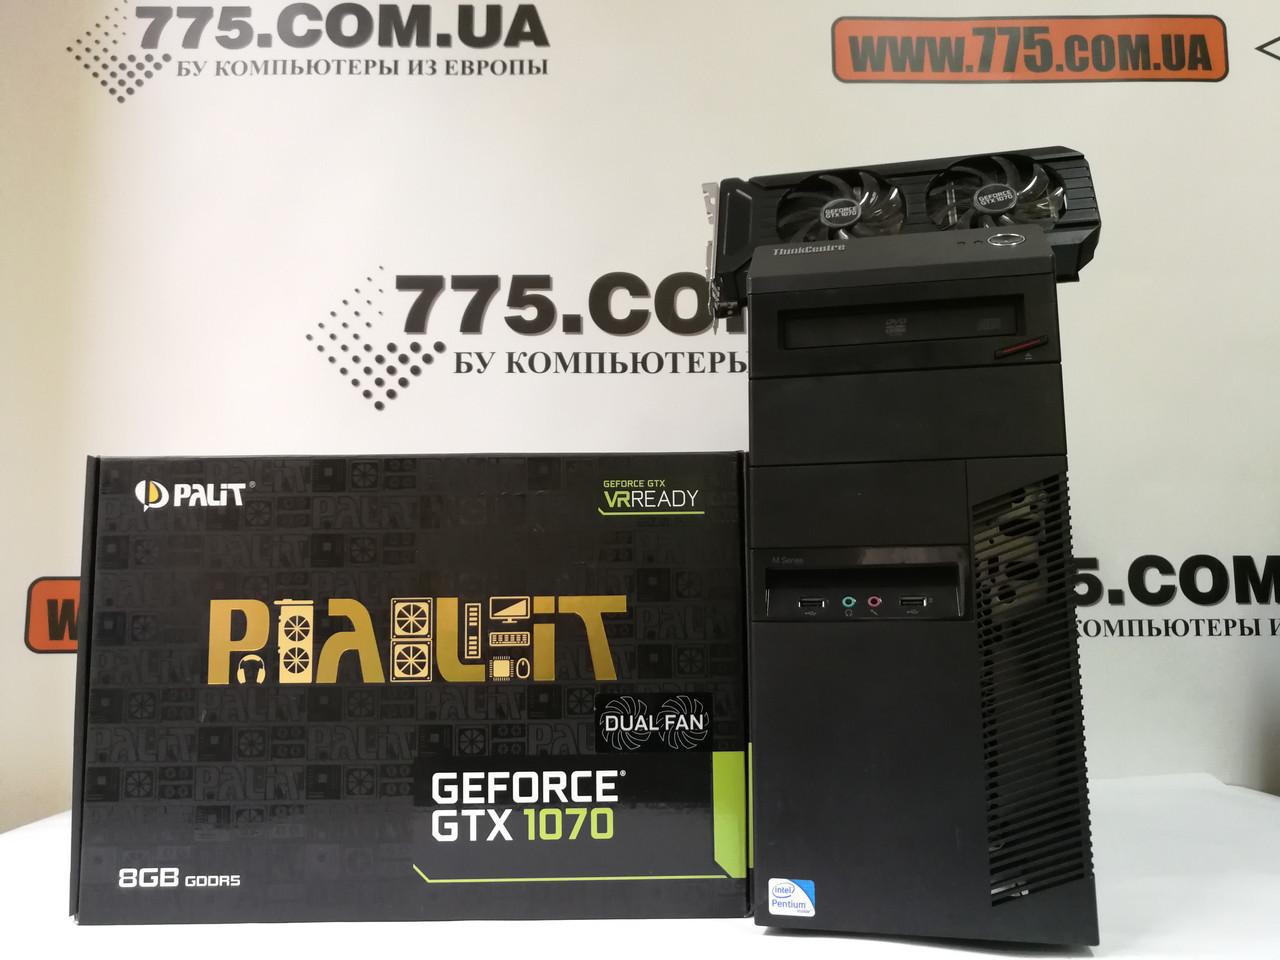 Игровой компьютер Intel Core i7 3.9GHz, RAM 16ГБ, SSD 120ГБ, HDD 500ГБ, GTX 1080 8ГБ, гарантия 6 мес